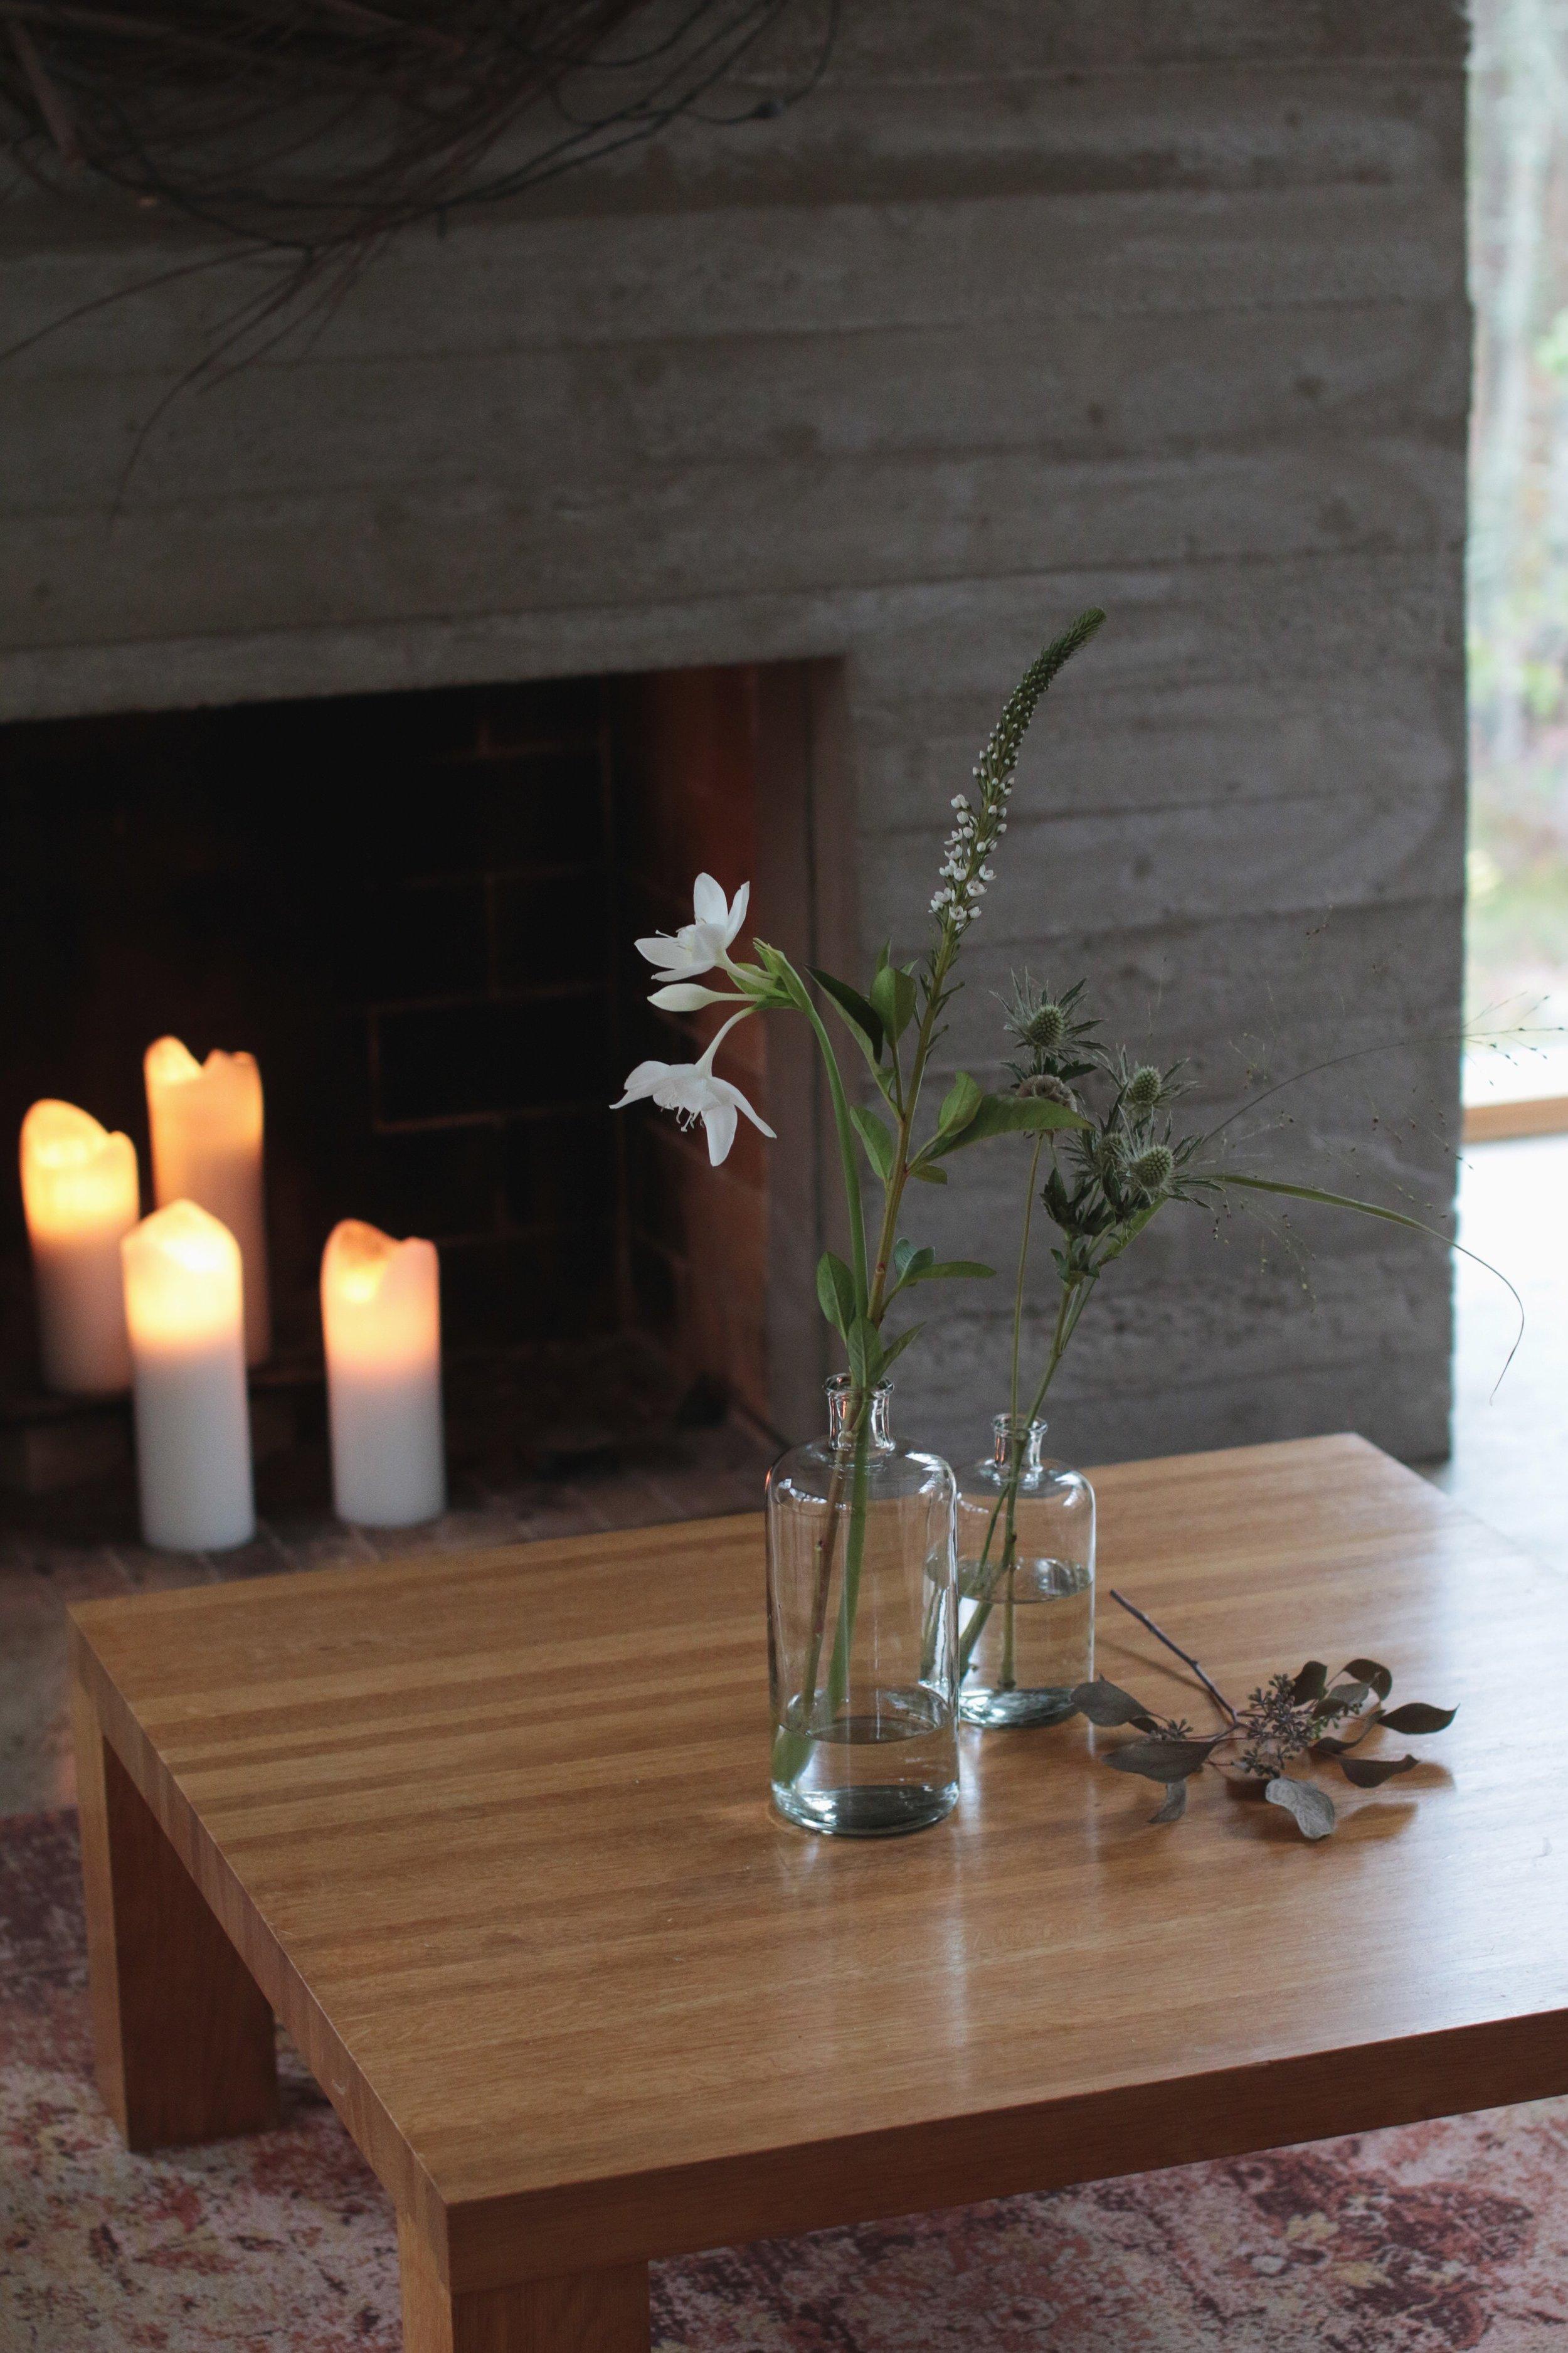 kukkia aseteltuna luonnollisesti, kukkia lasipulloissa, kukka-asetelma. kukkakimppu, leikkokukat, sesongit kukkivat leikkokukat, kuivuvat kukat, kuivakukat